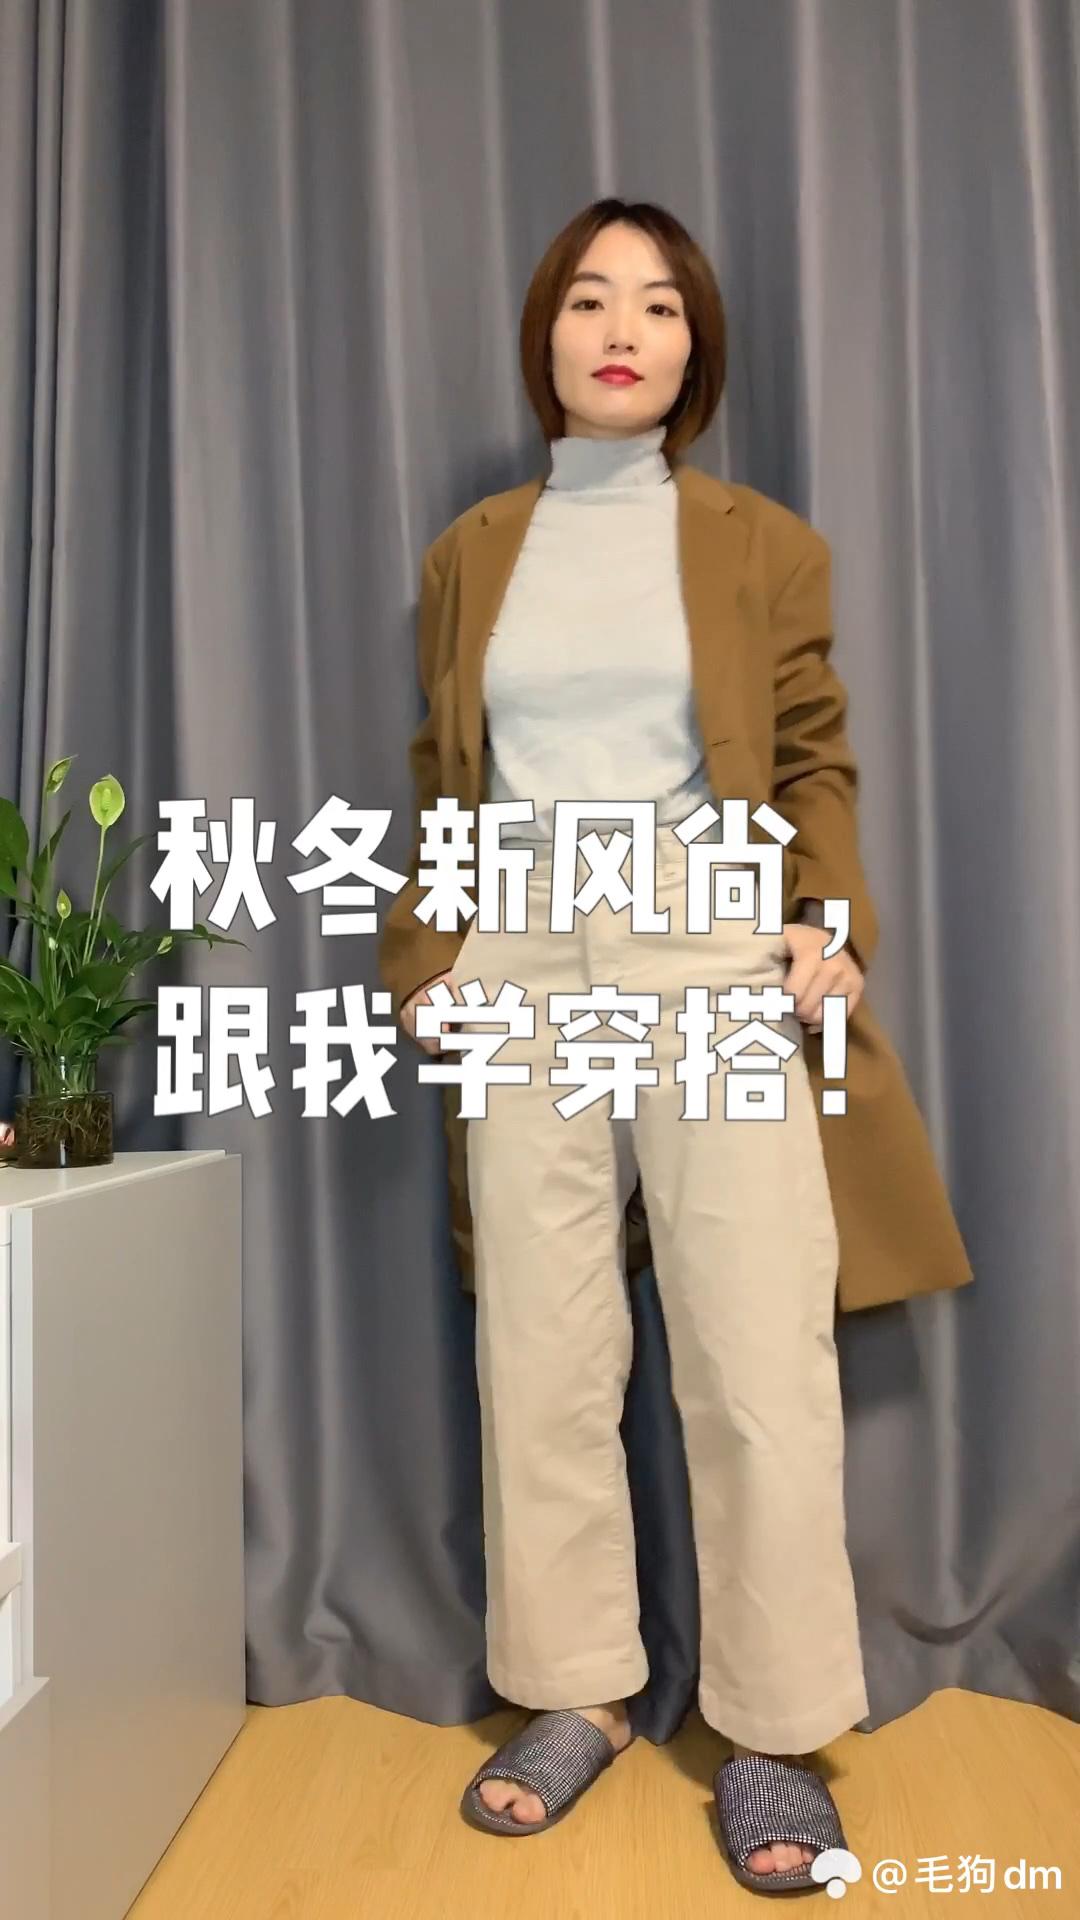 今日穿搭|浅色的内搭已经选好了,今天搭配了一件休闲的西装外套哦,上身非常舒服,又不会觉得过于随意,穿出自己的风格哦!#1米5也能穿成1米8,小个子必看#